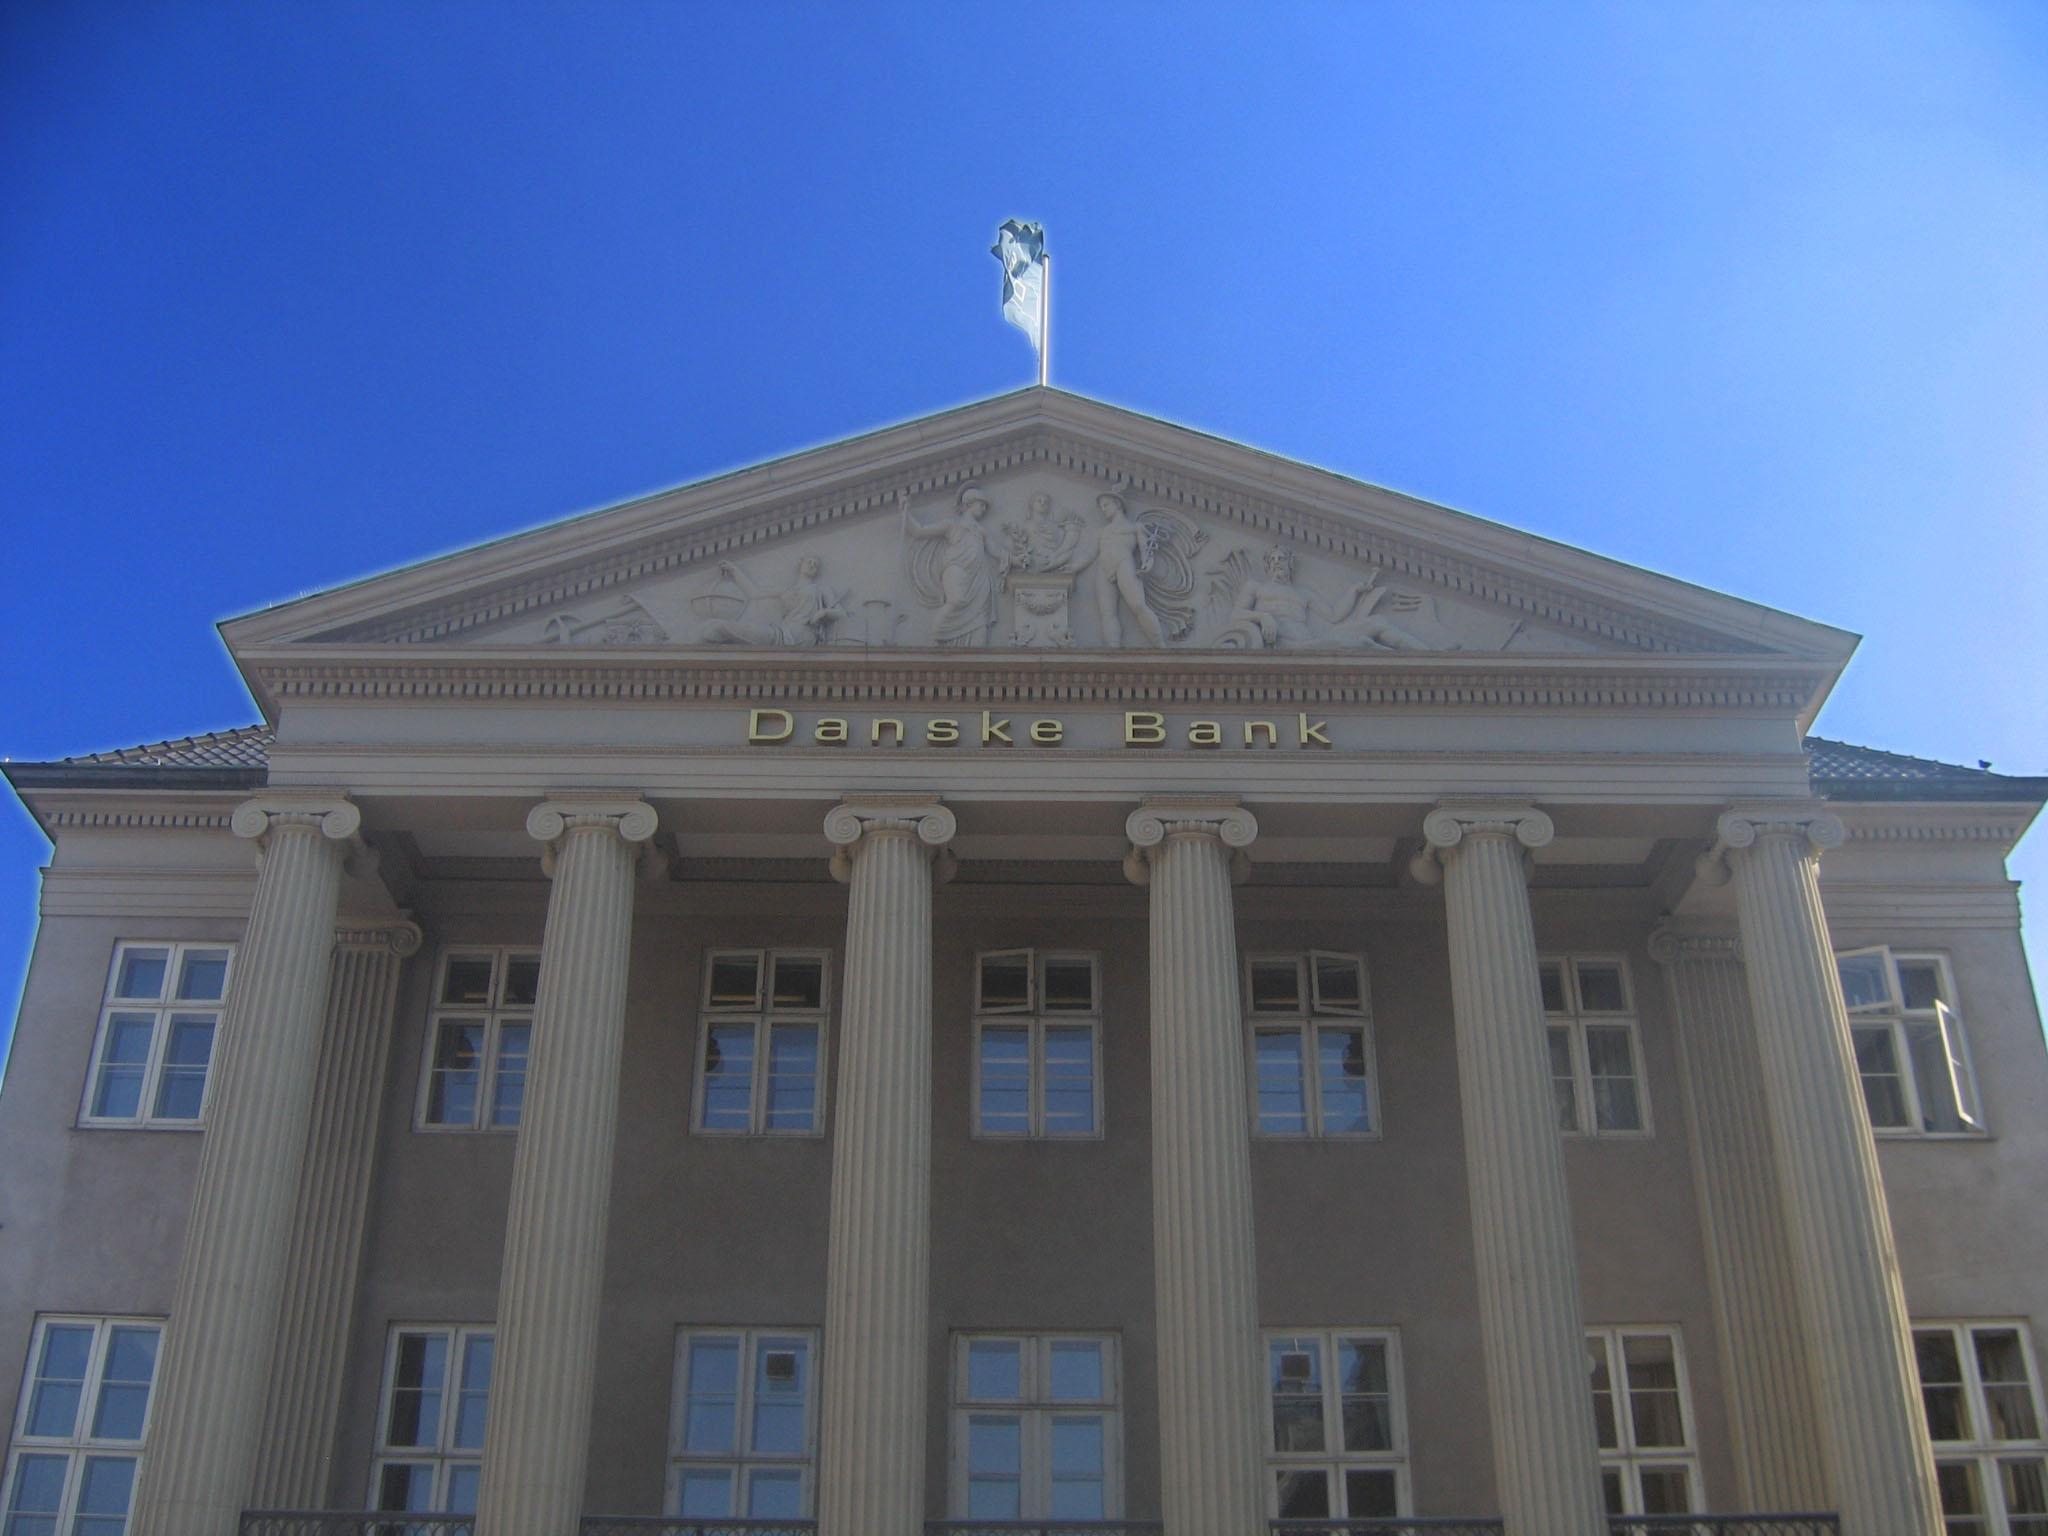 Den Danske Bank building